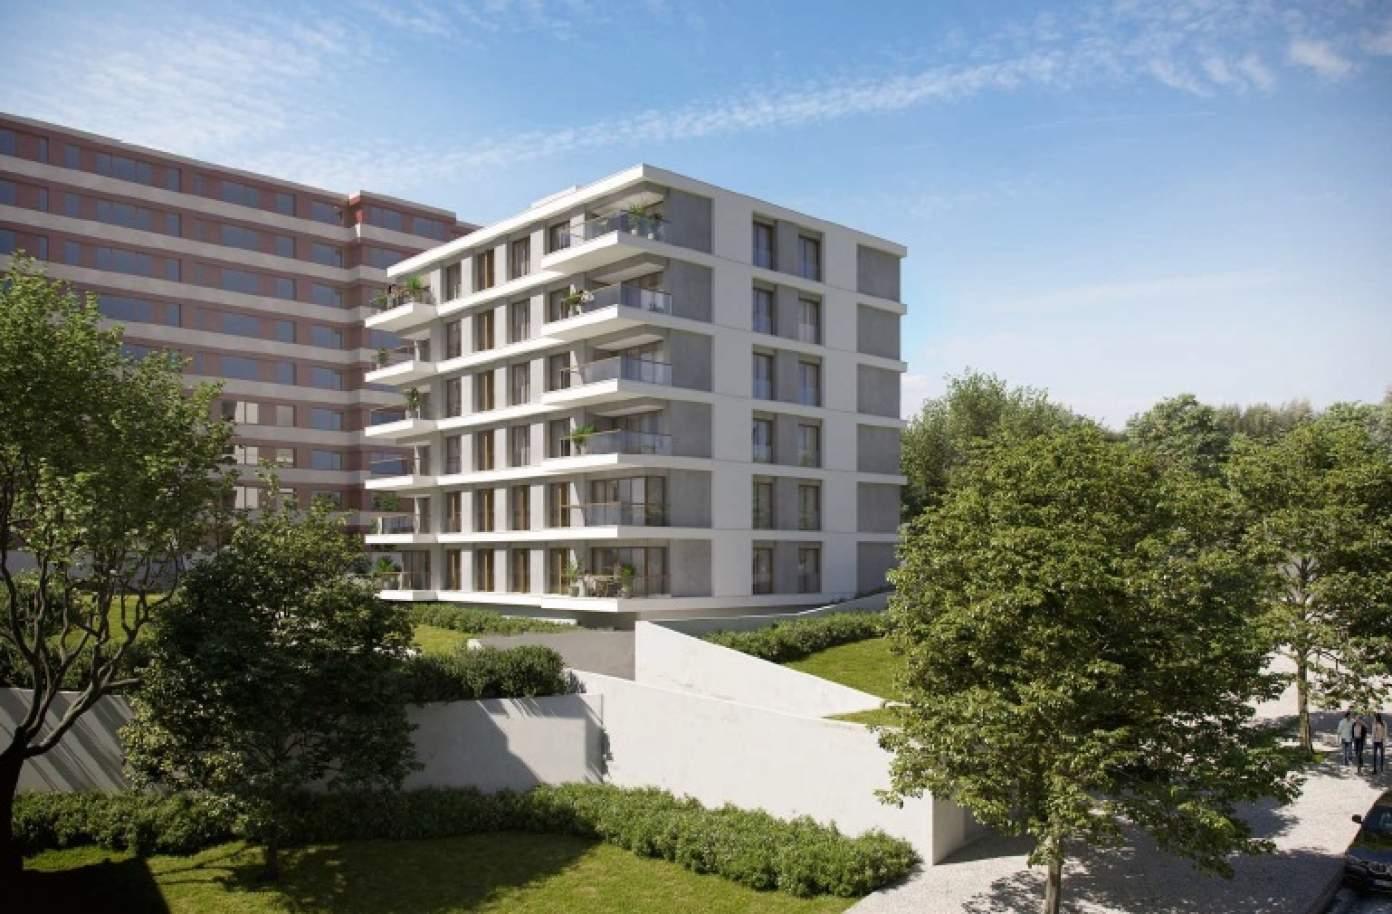 venda-de-apartamento-novo-t3-com-varanda-nos-pinhais-da-foz-porto